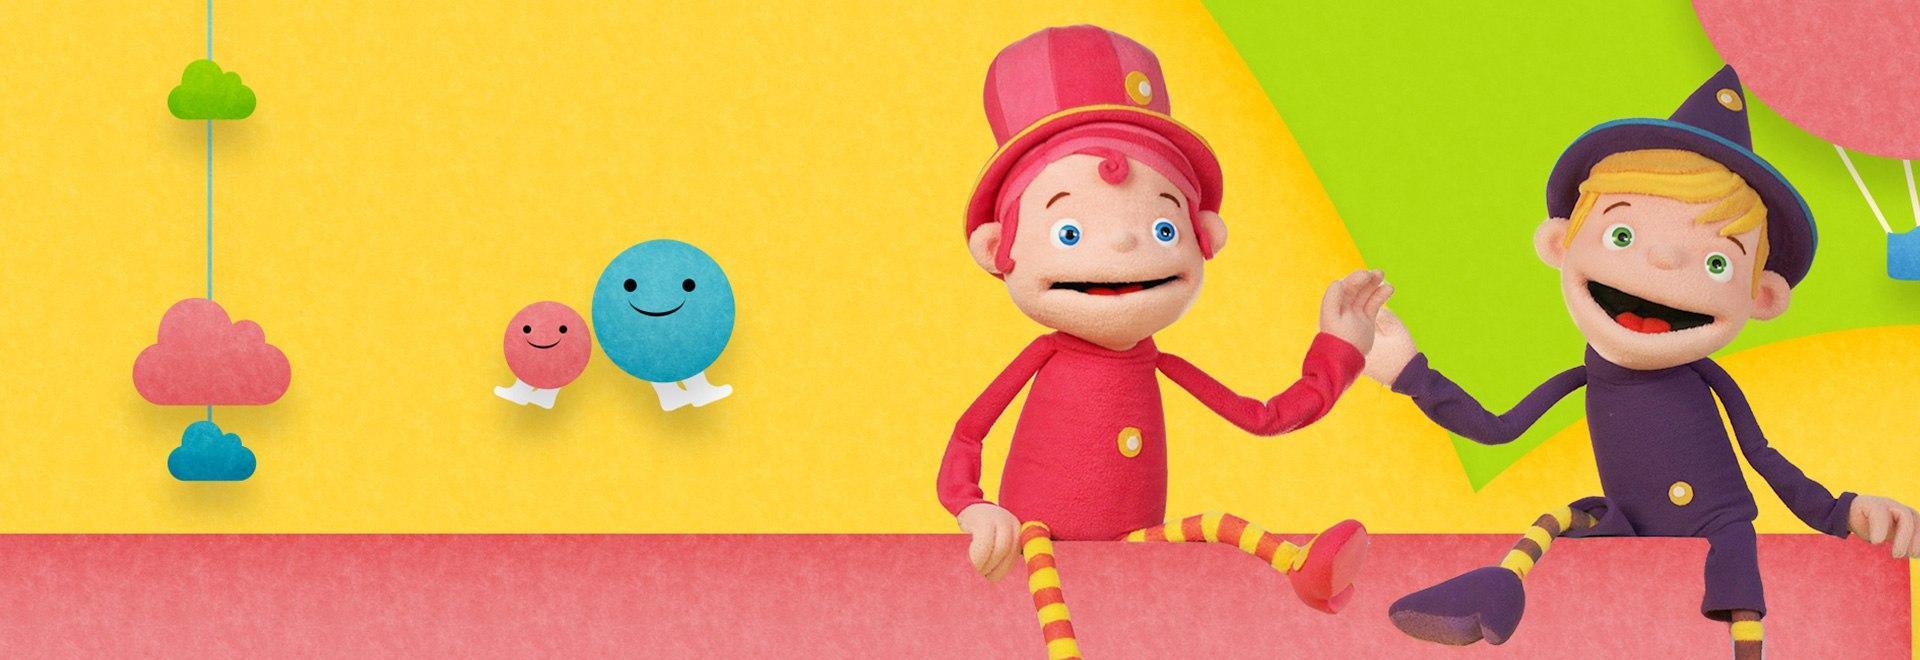 Sotto il fazzoletto: mais / Gioco di immaginazione: cappello / Che differenza c'è: fisarmonica / Sotto il fazzoletto: carota